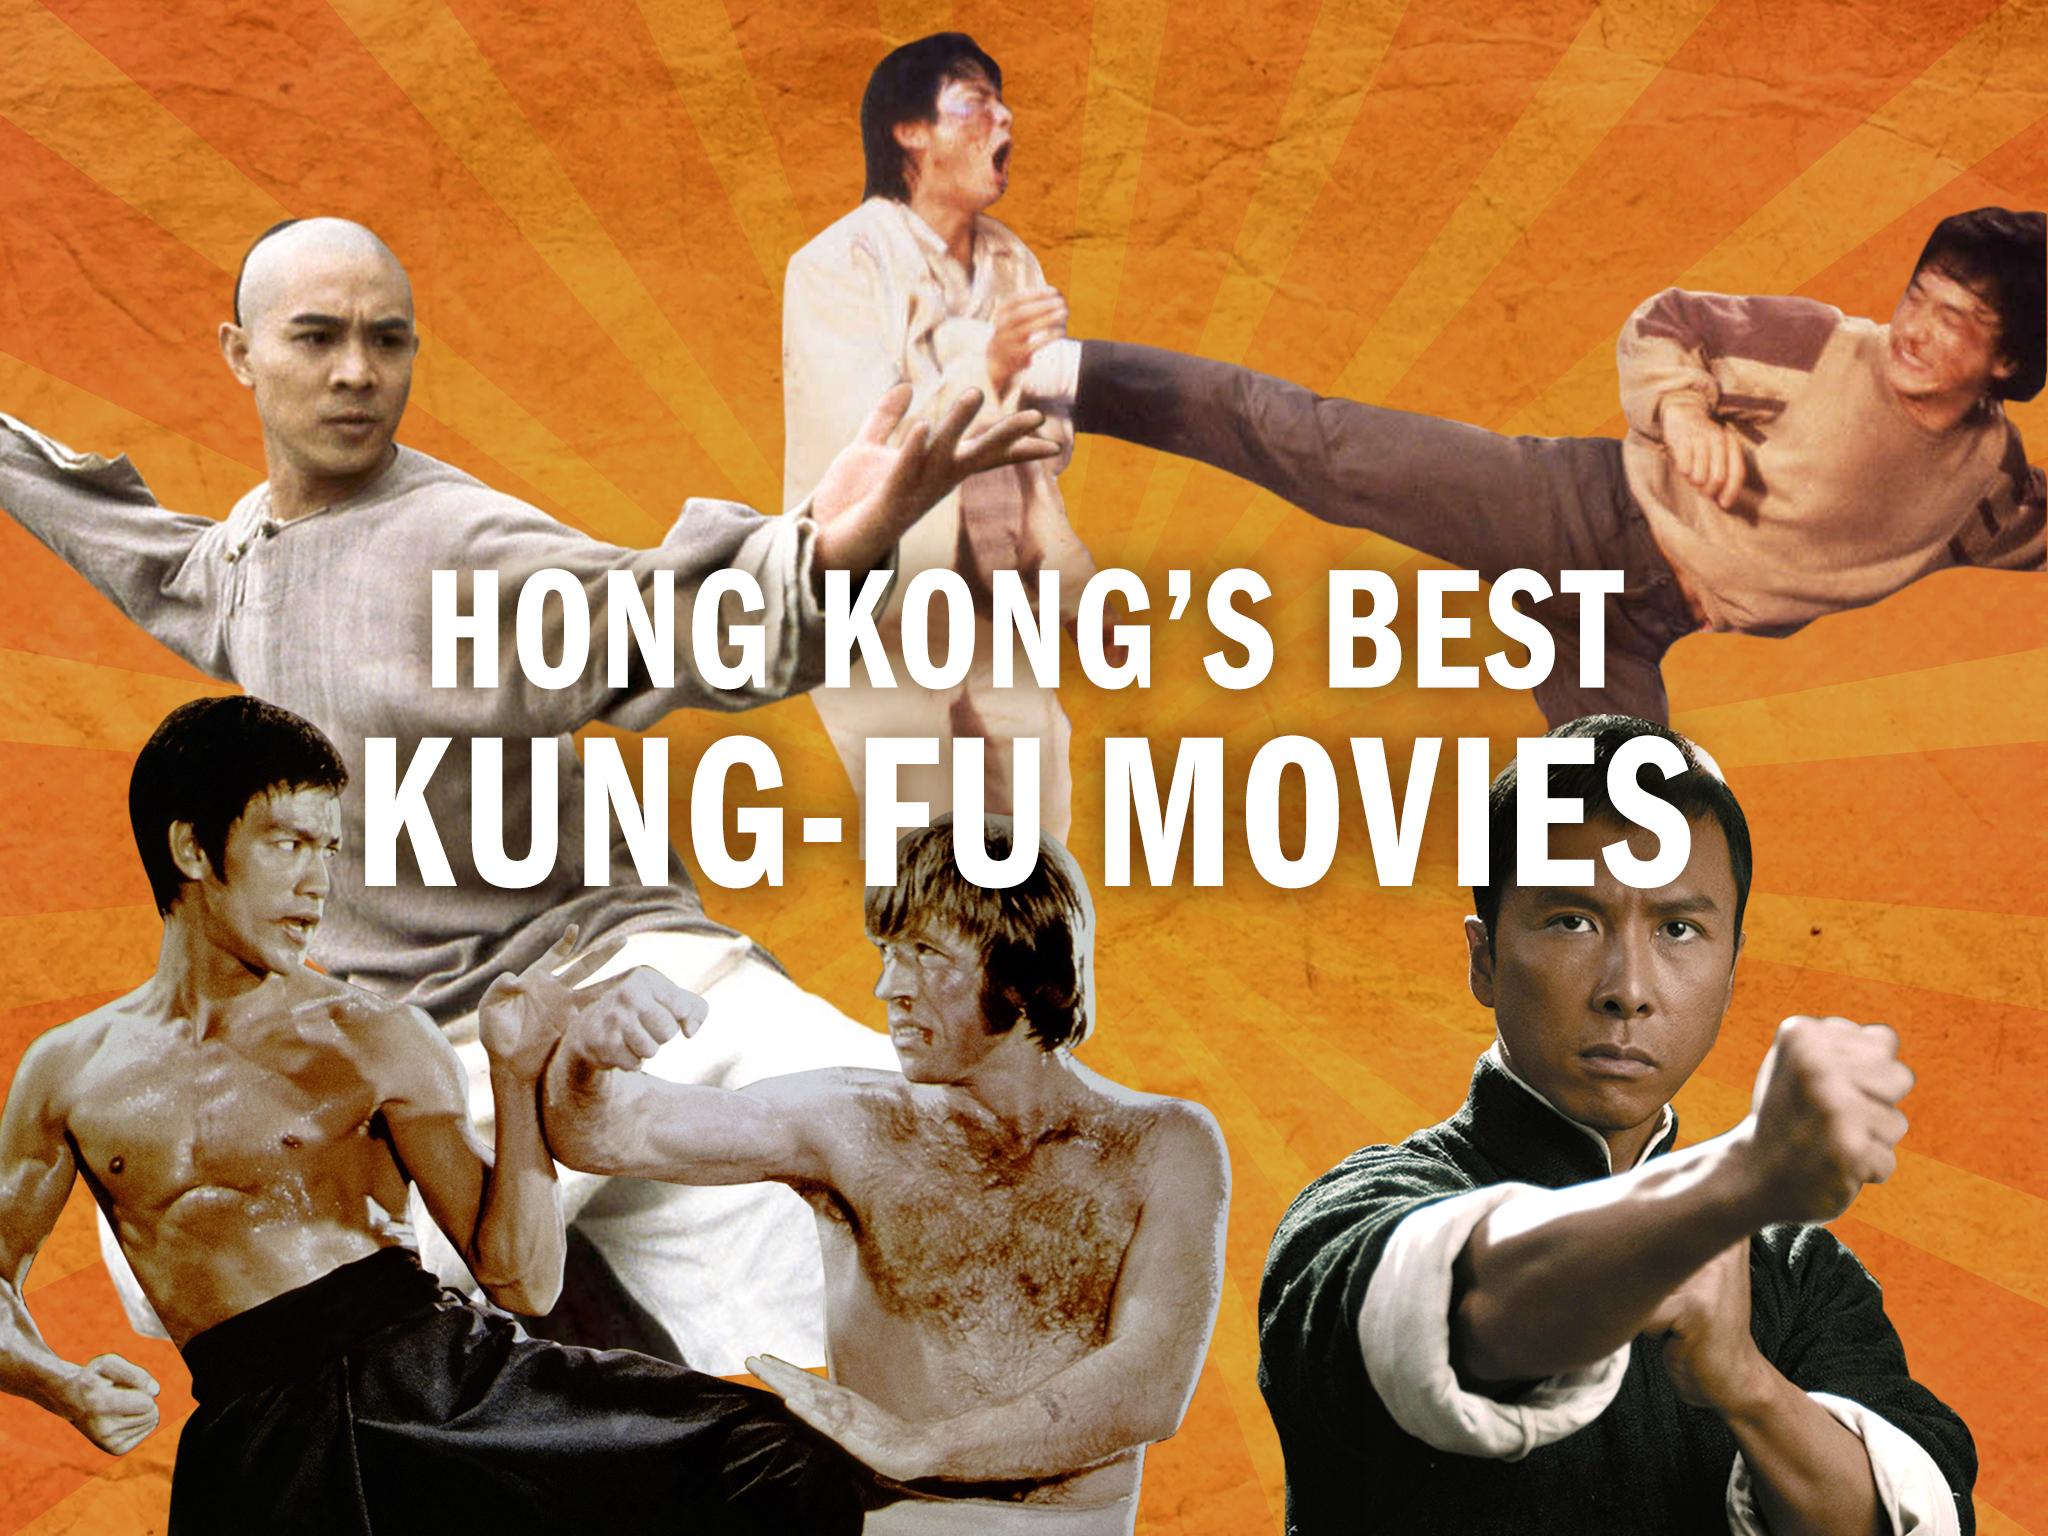 Hong Kong's best kung fu movies